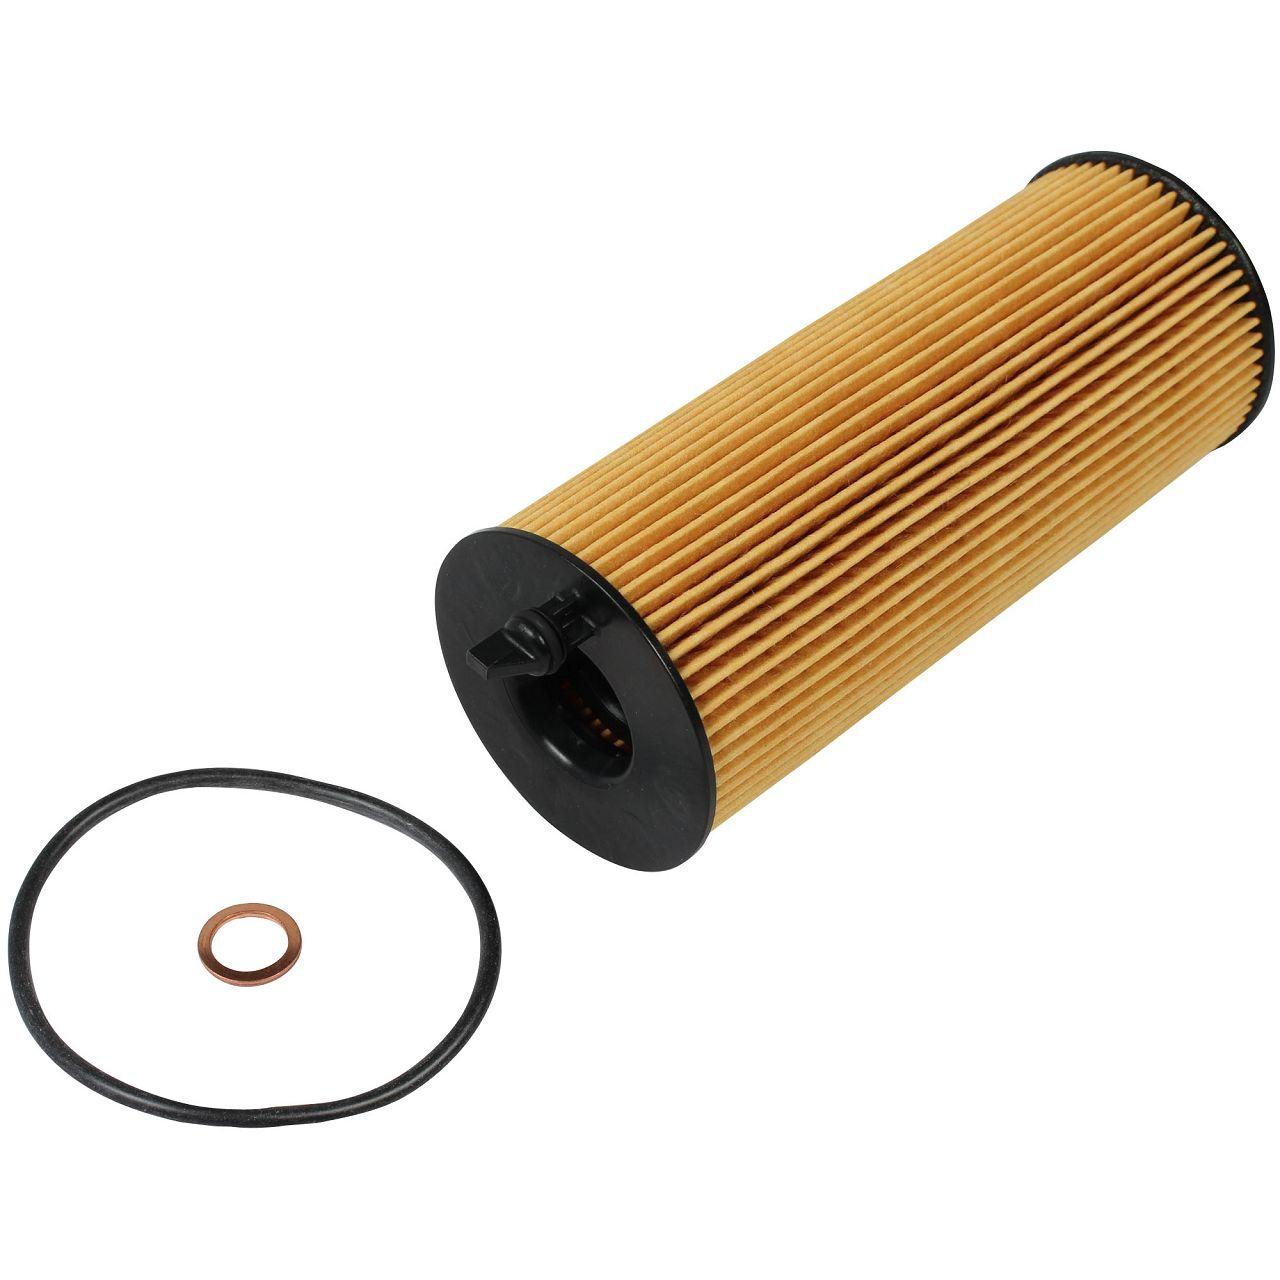 Inspektionskit Filterpaket für BMW X5 E70 F15 F85 X6 E71 E72 F16 F86 M50d 381 PS